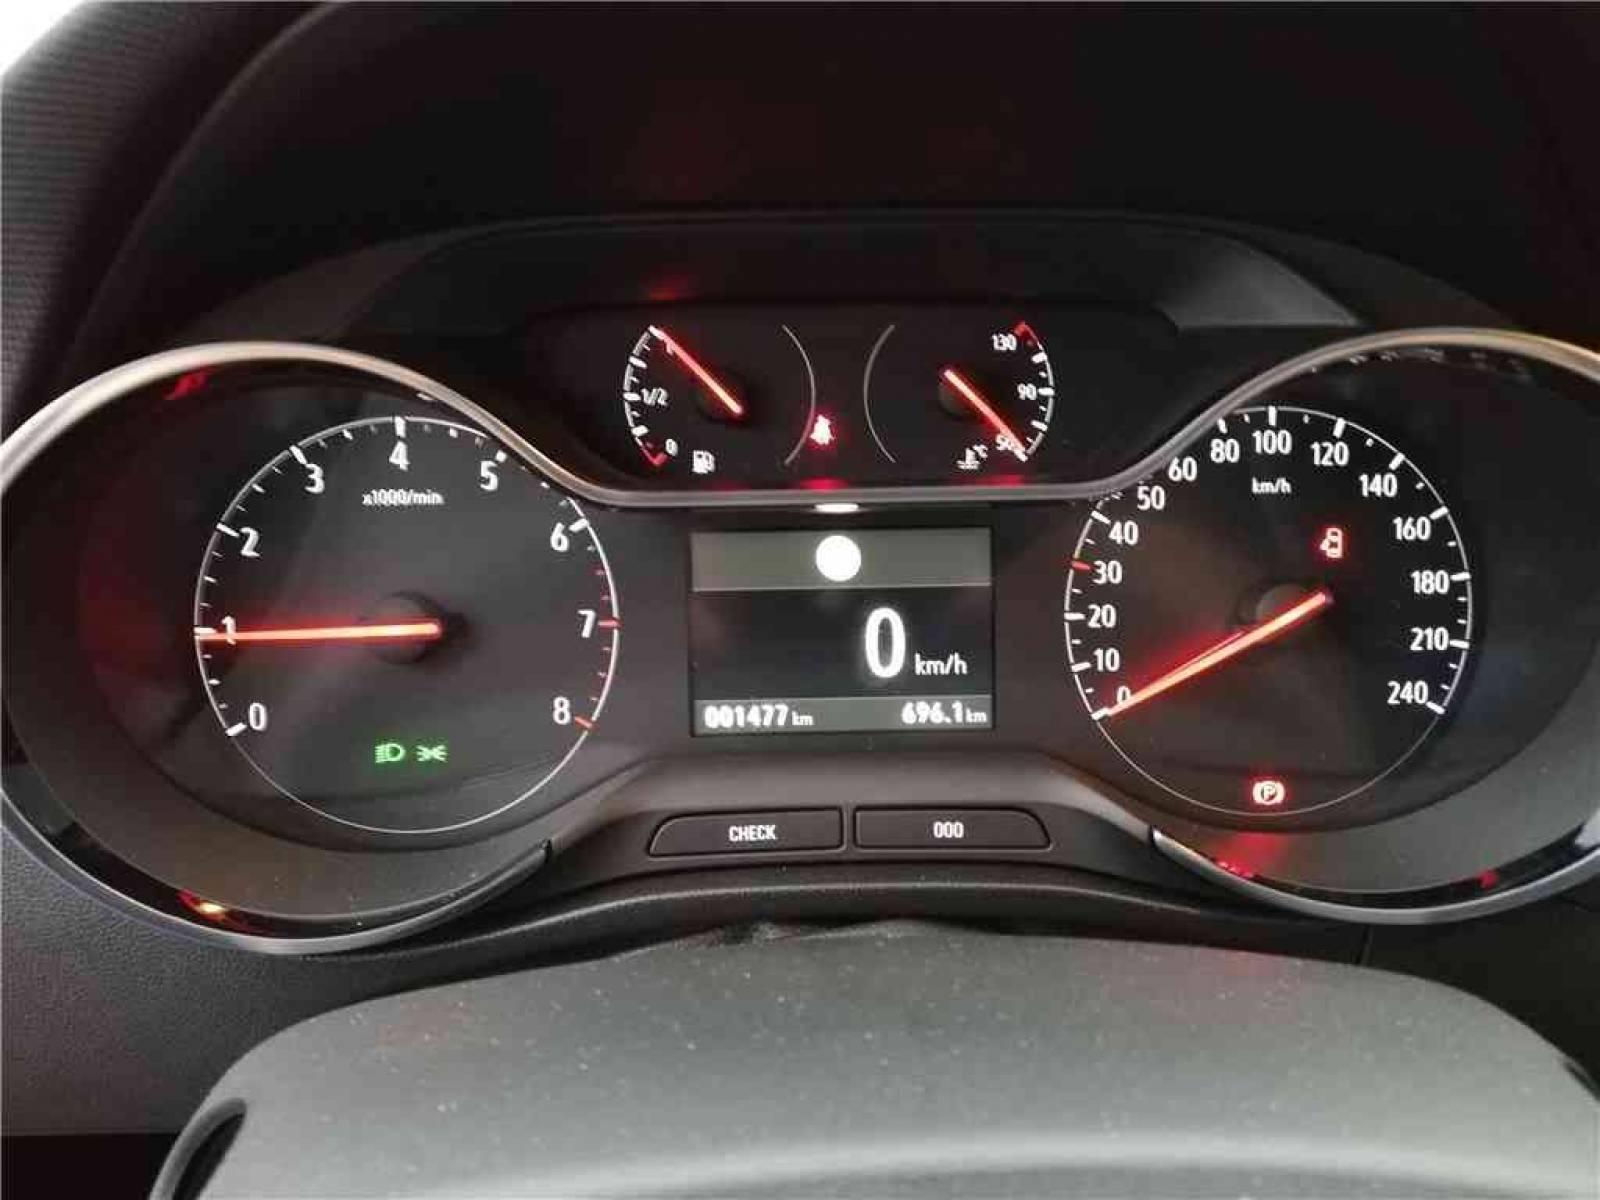 OPEL Crossland X 1.5 D 102 ch - véhicule d'occasion - Groupe Guillet - Opel Magicauto - Montceau-les-Mines - 71300 - Montceau-les-Mines - 15